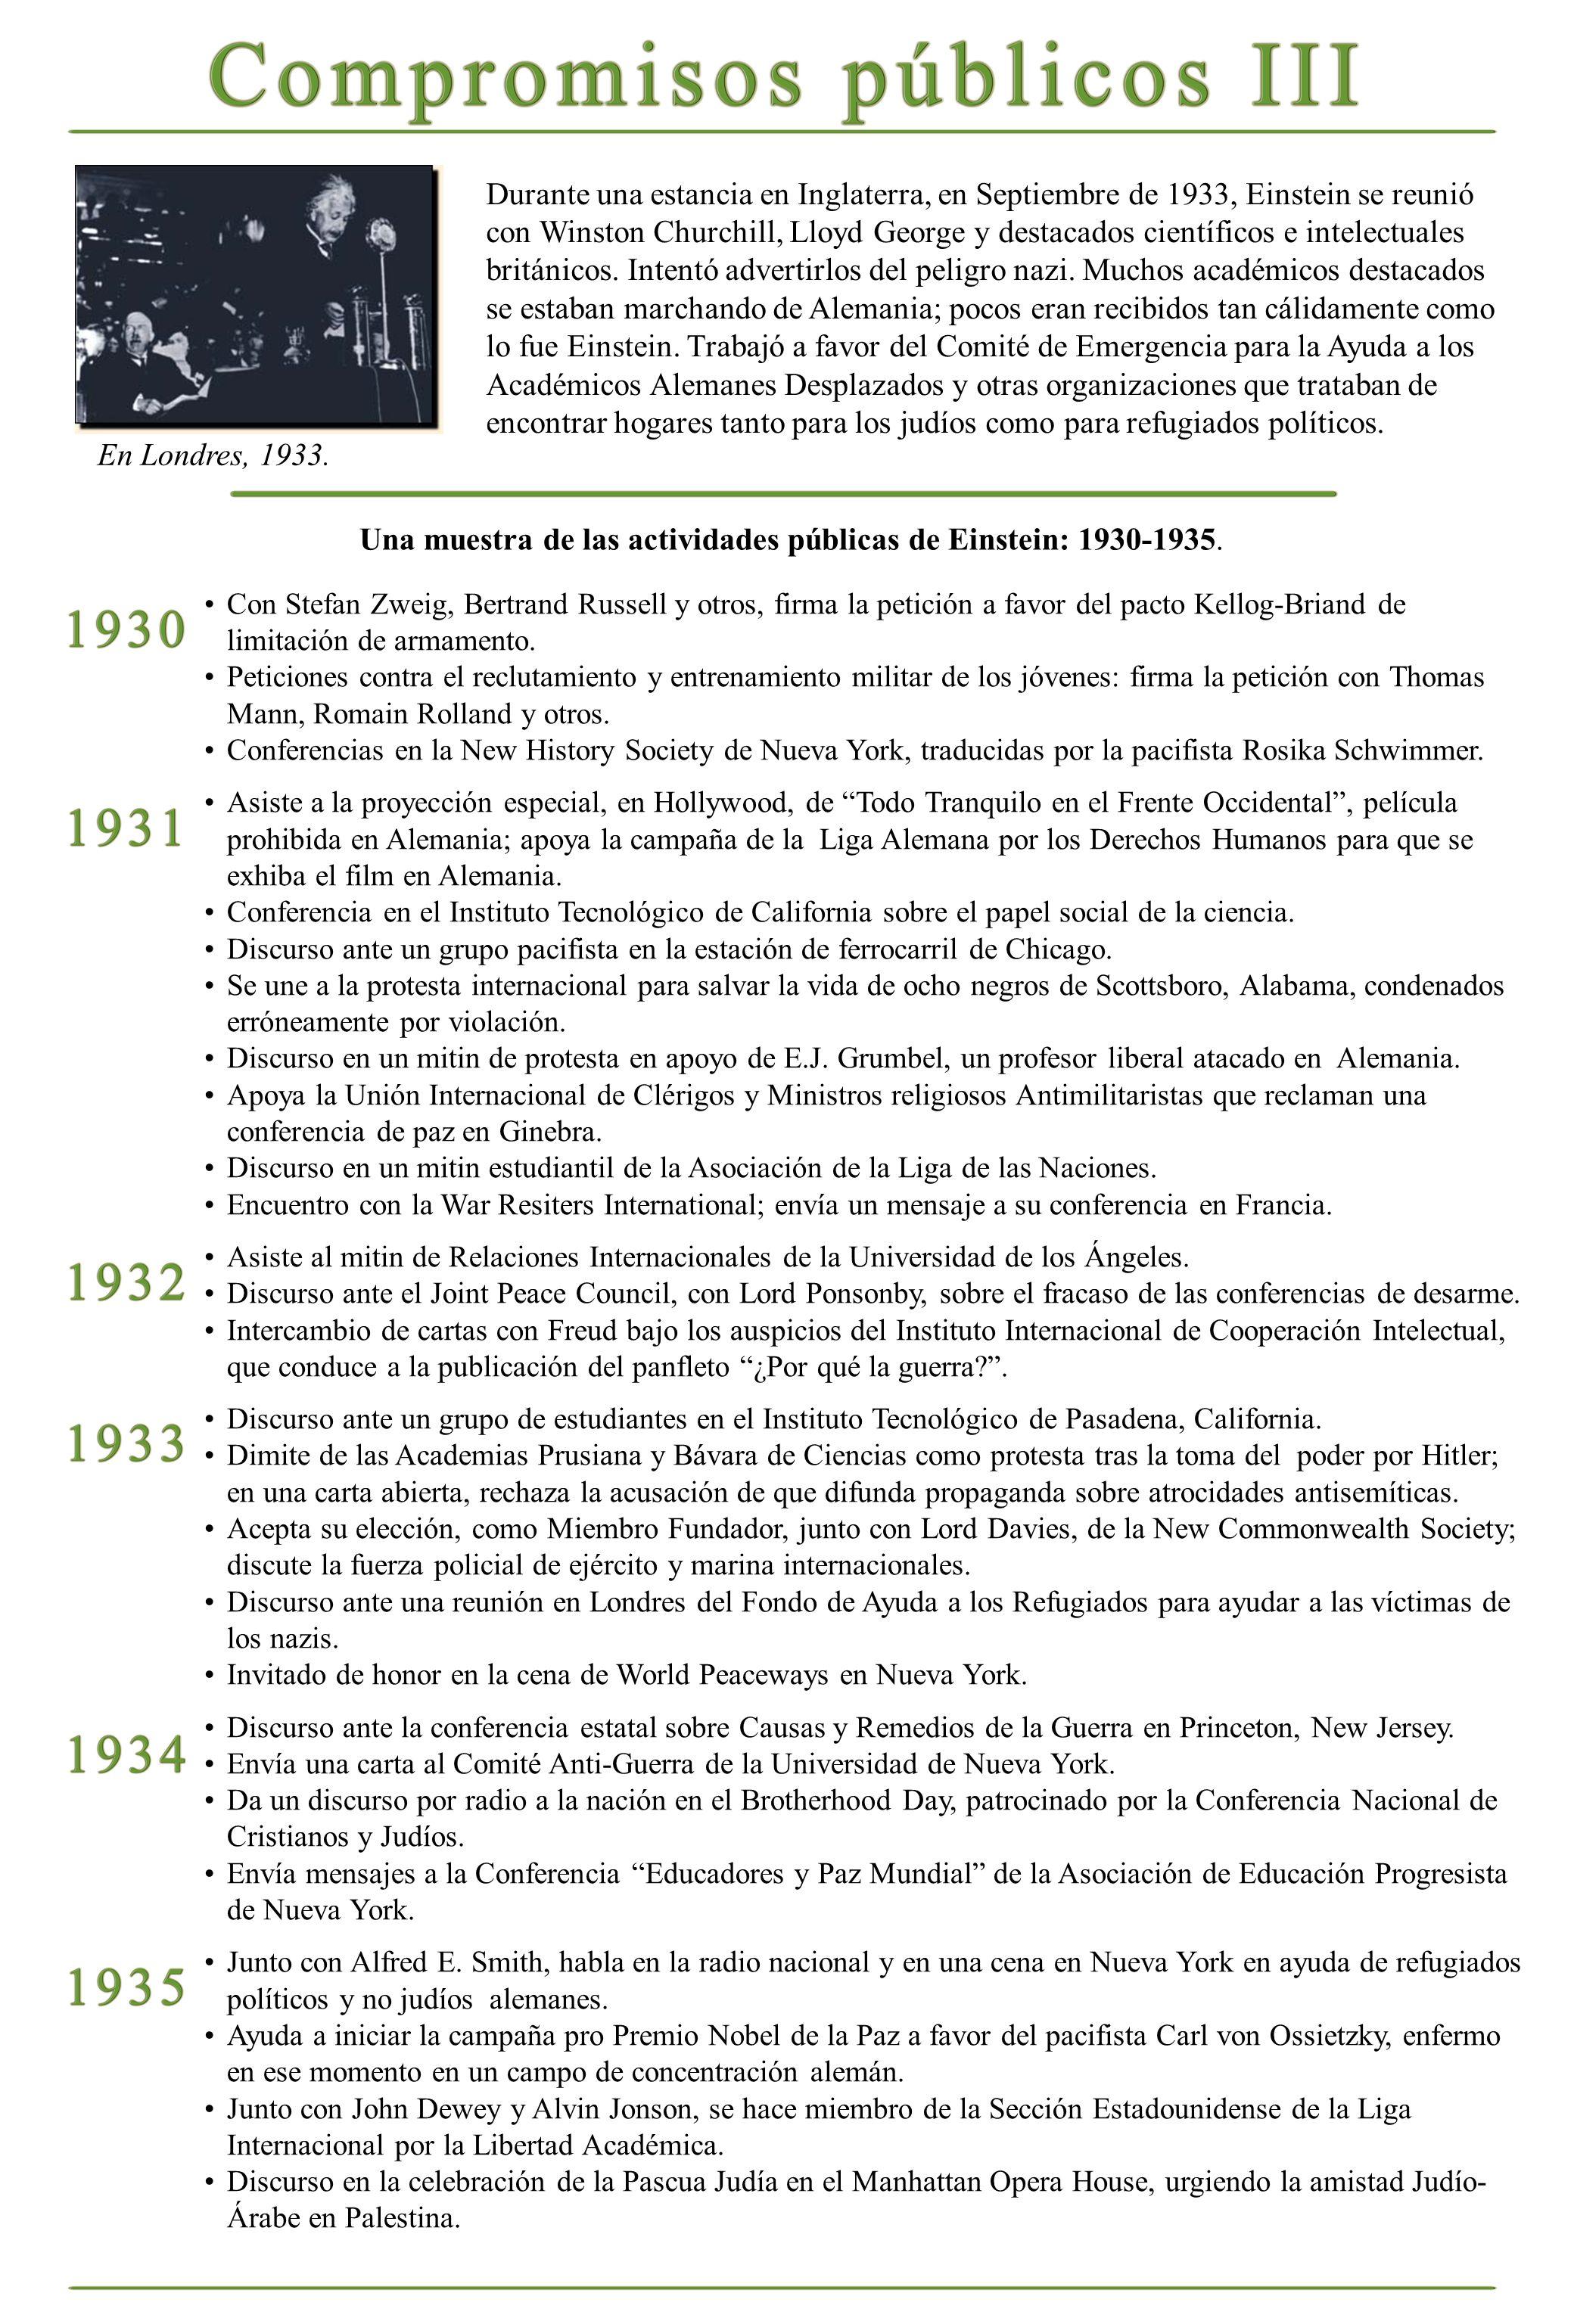 Una muestra de las actividades públicas de Einstein: 1930-1935. En Londres, 1933. Durante una estancia en Inglaterra, en Septiembre de 1933, Einstein